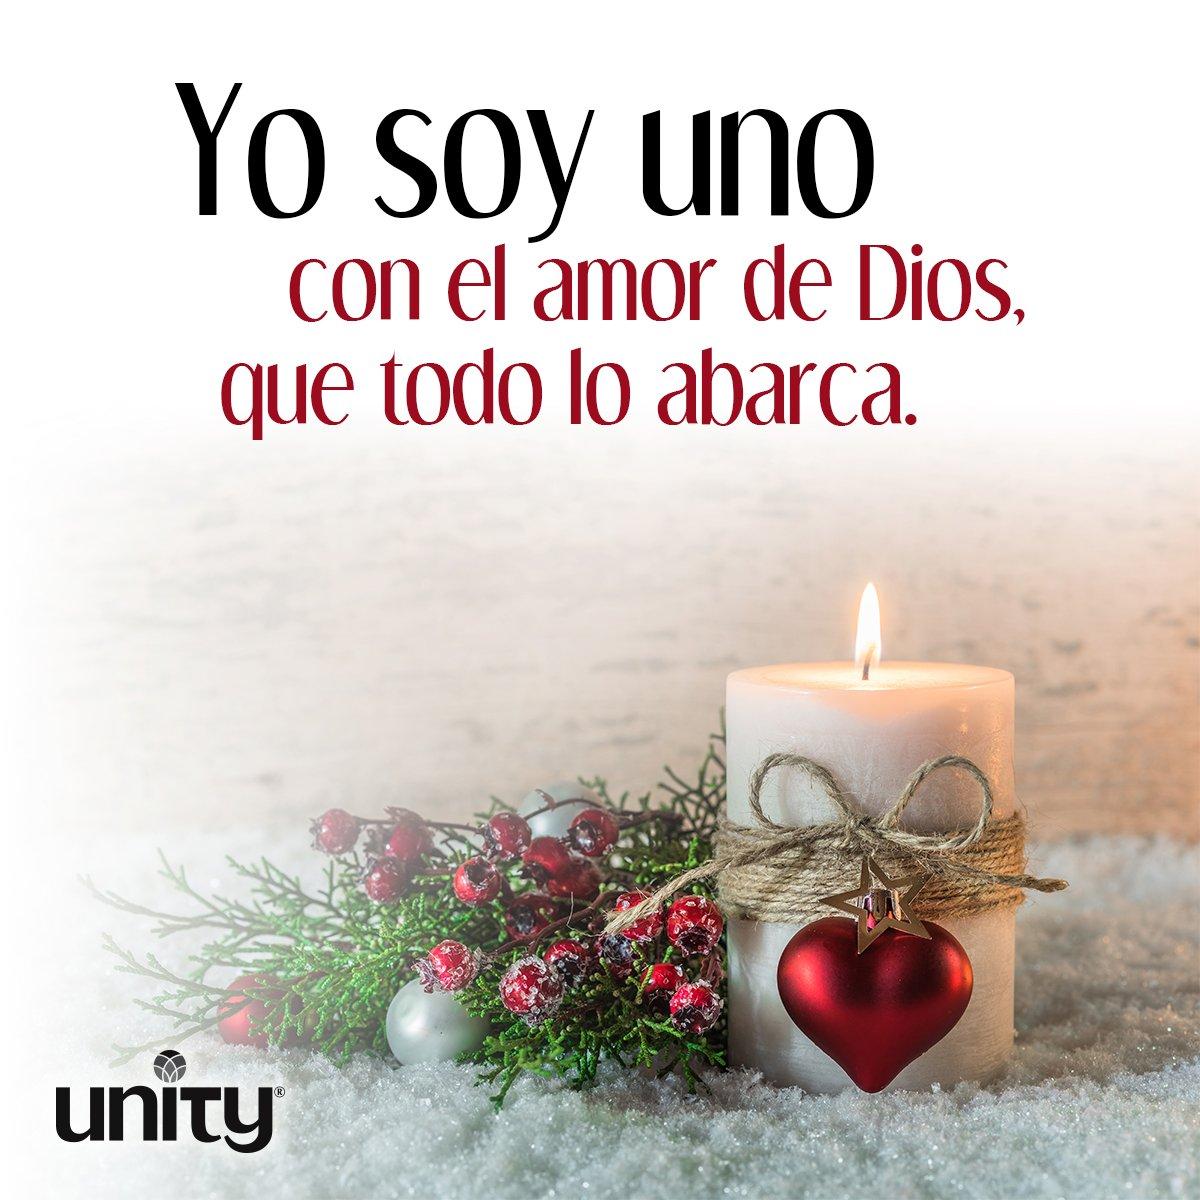 Unity En Linea At Unityenlinea Twitter